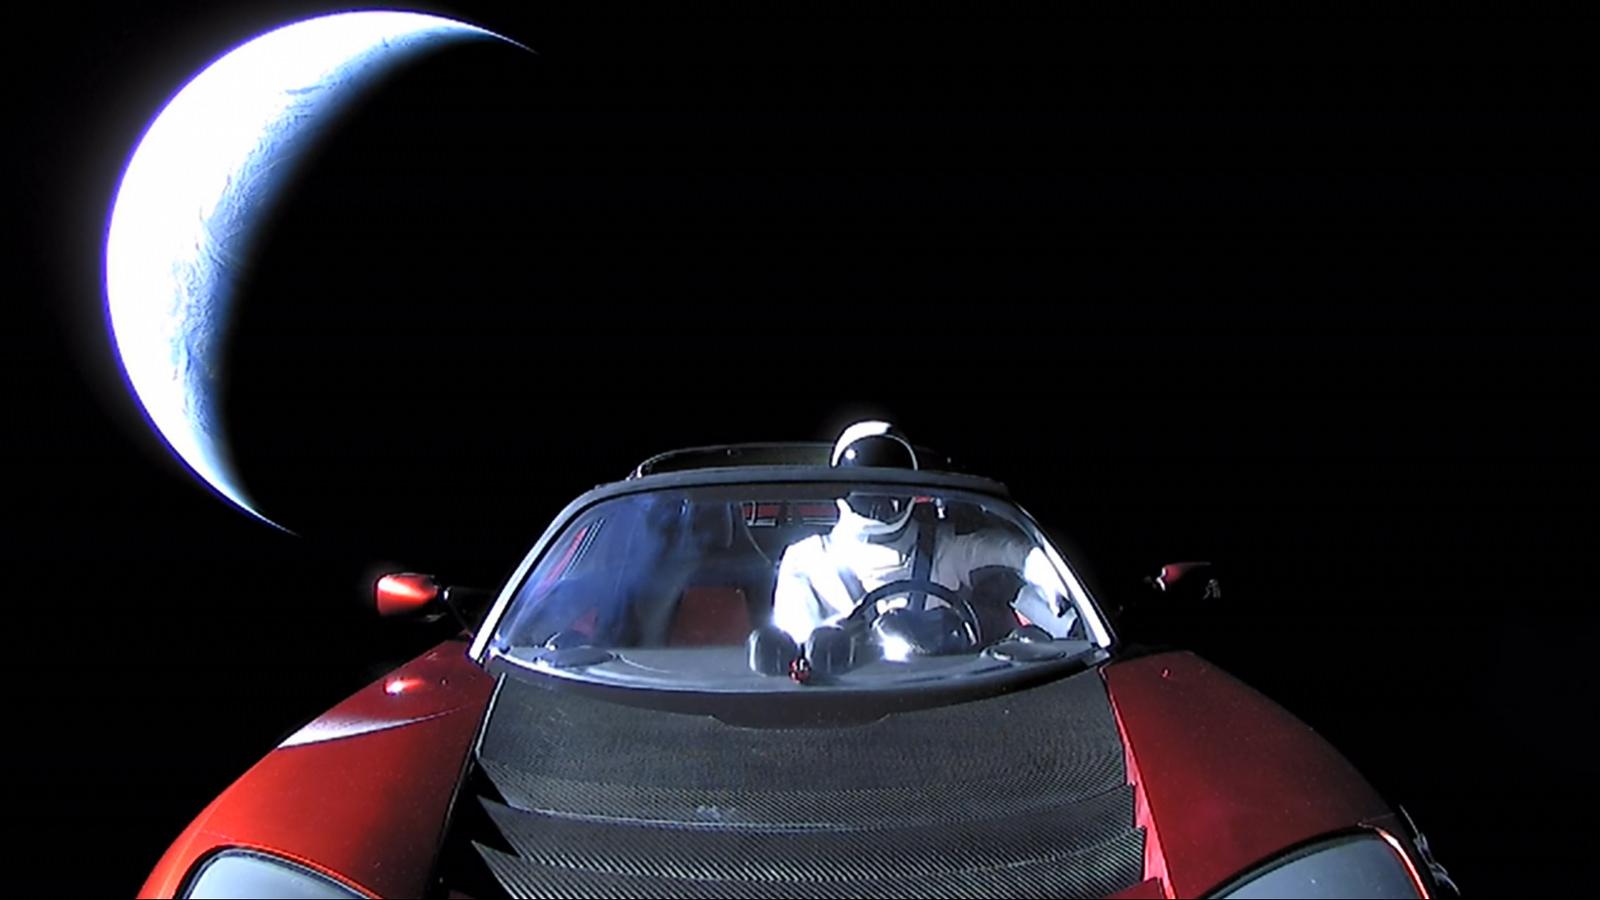 Starman y su Tesla se despiden desapareciendo en el espacio infinito